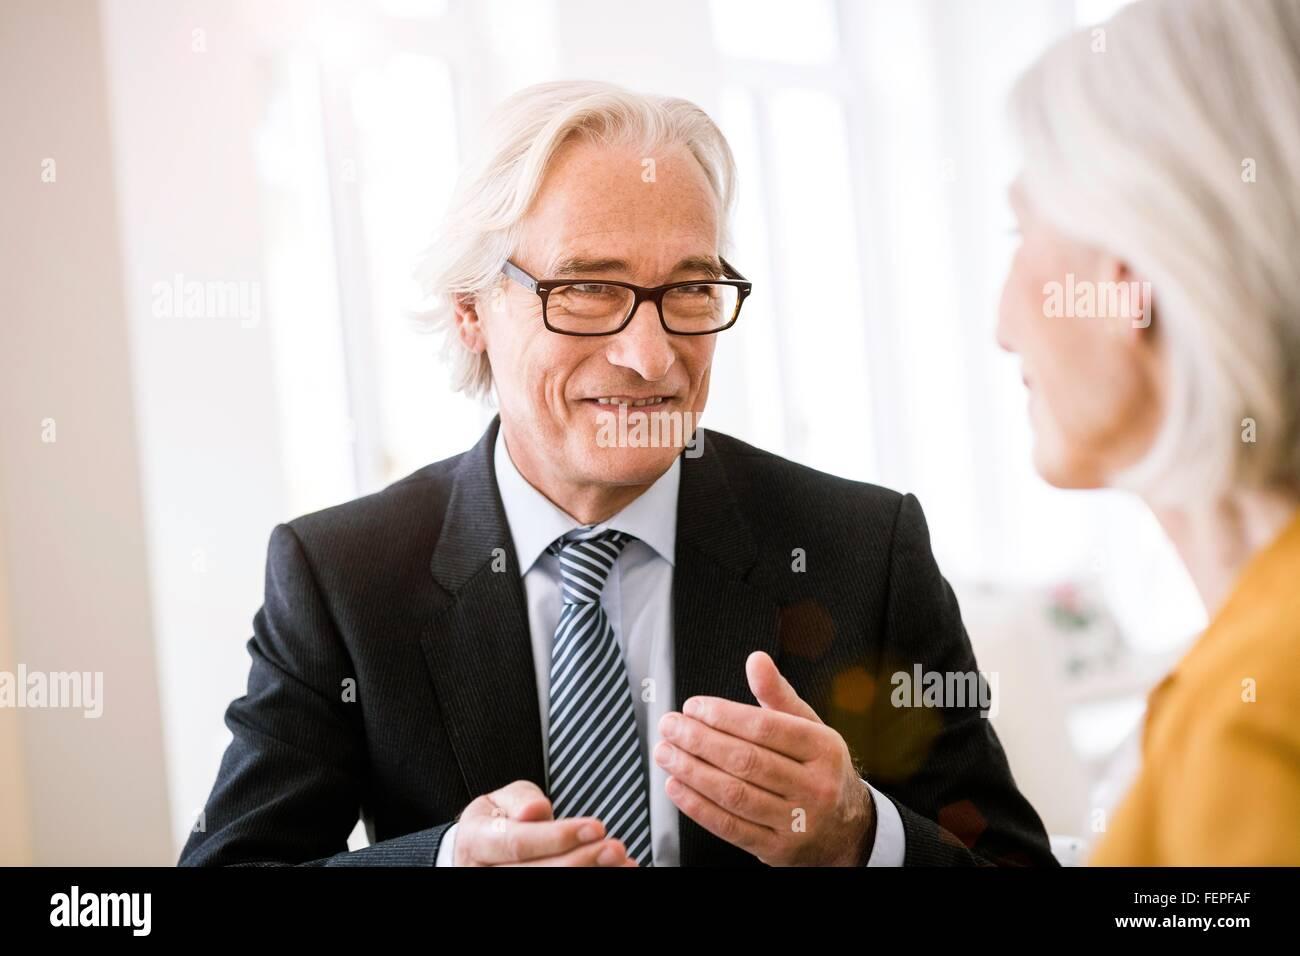 Senior uomo che indossa la maglietta, cravatta e giacca tuta parlando di donna senior Immagini Stock